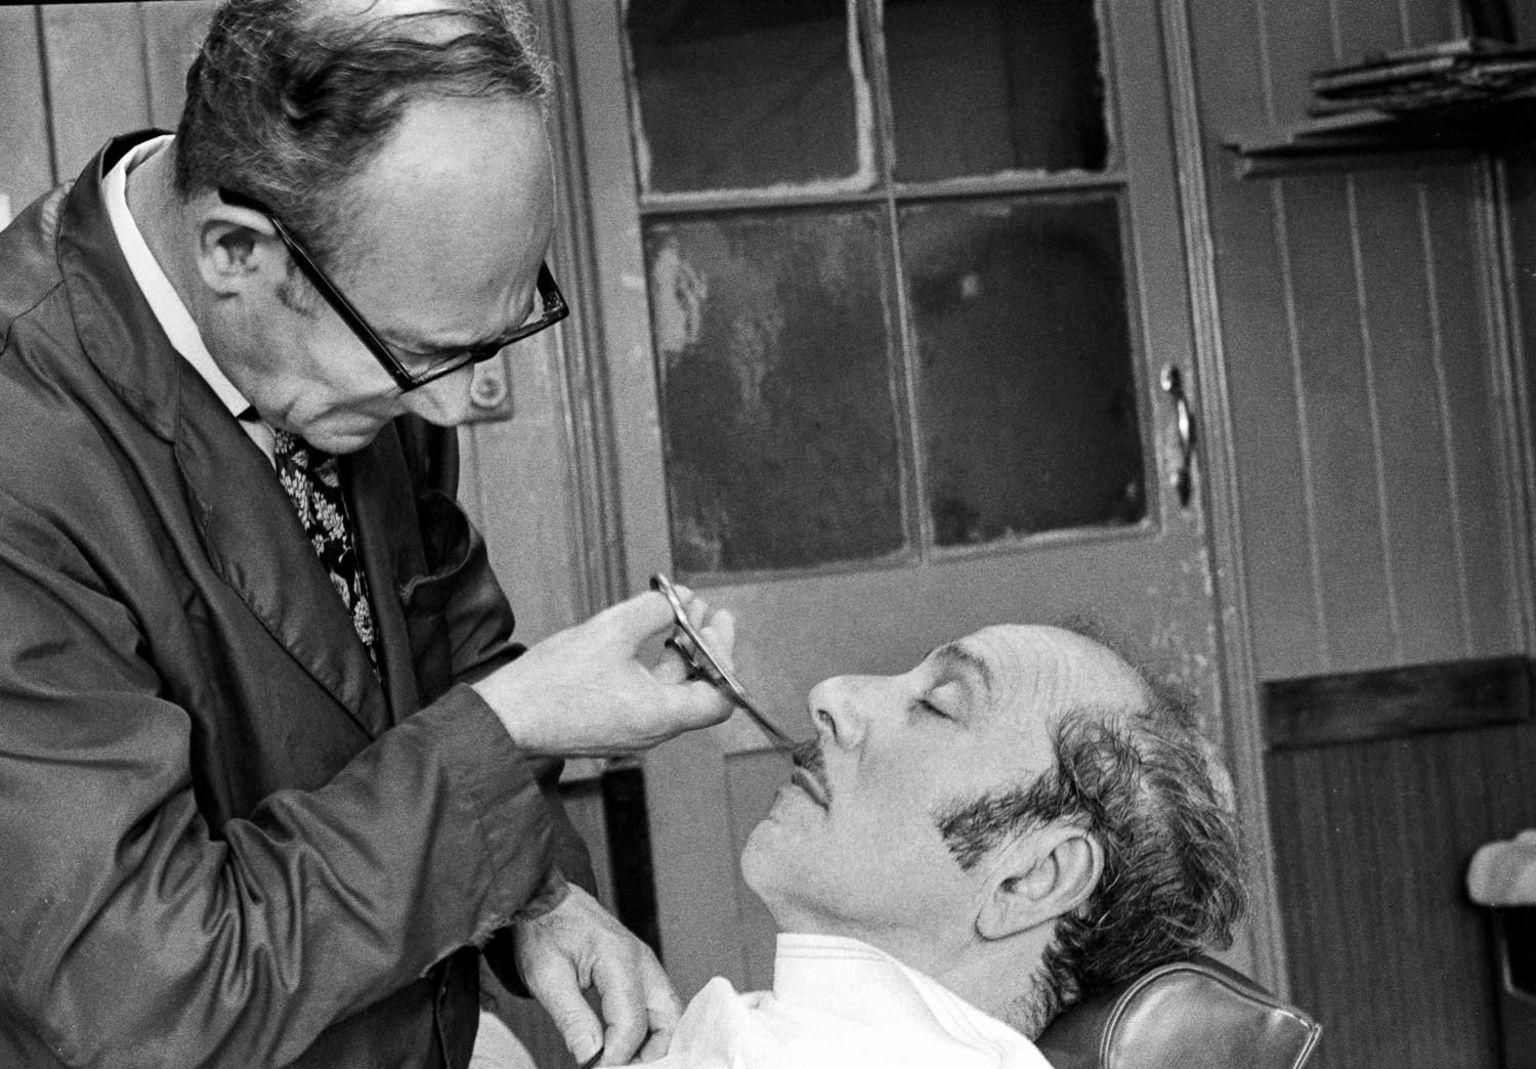 Barber, Hackney